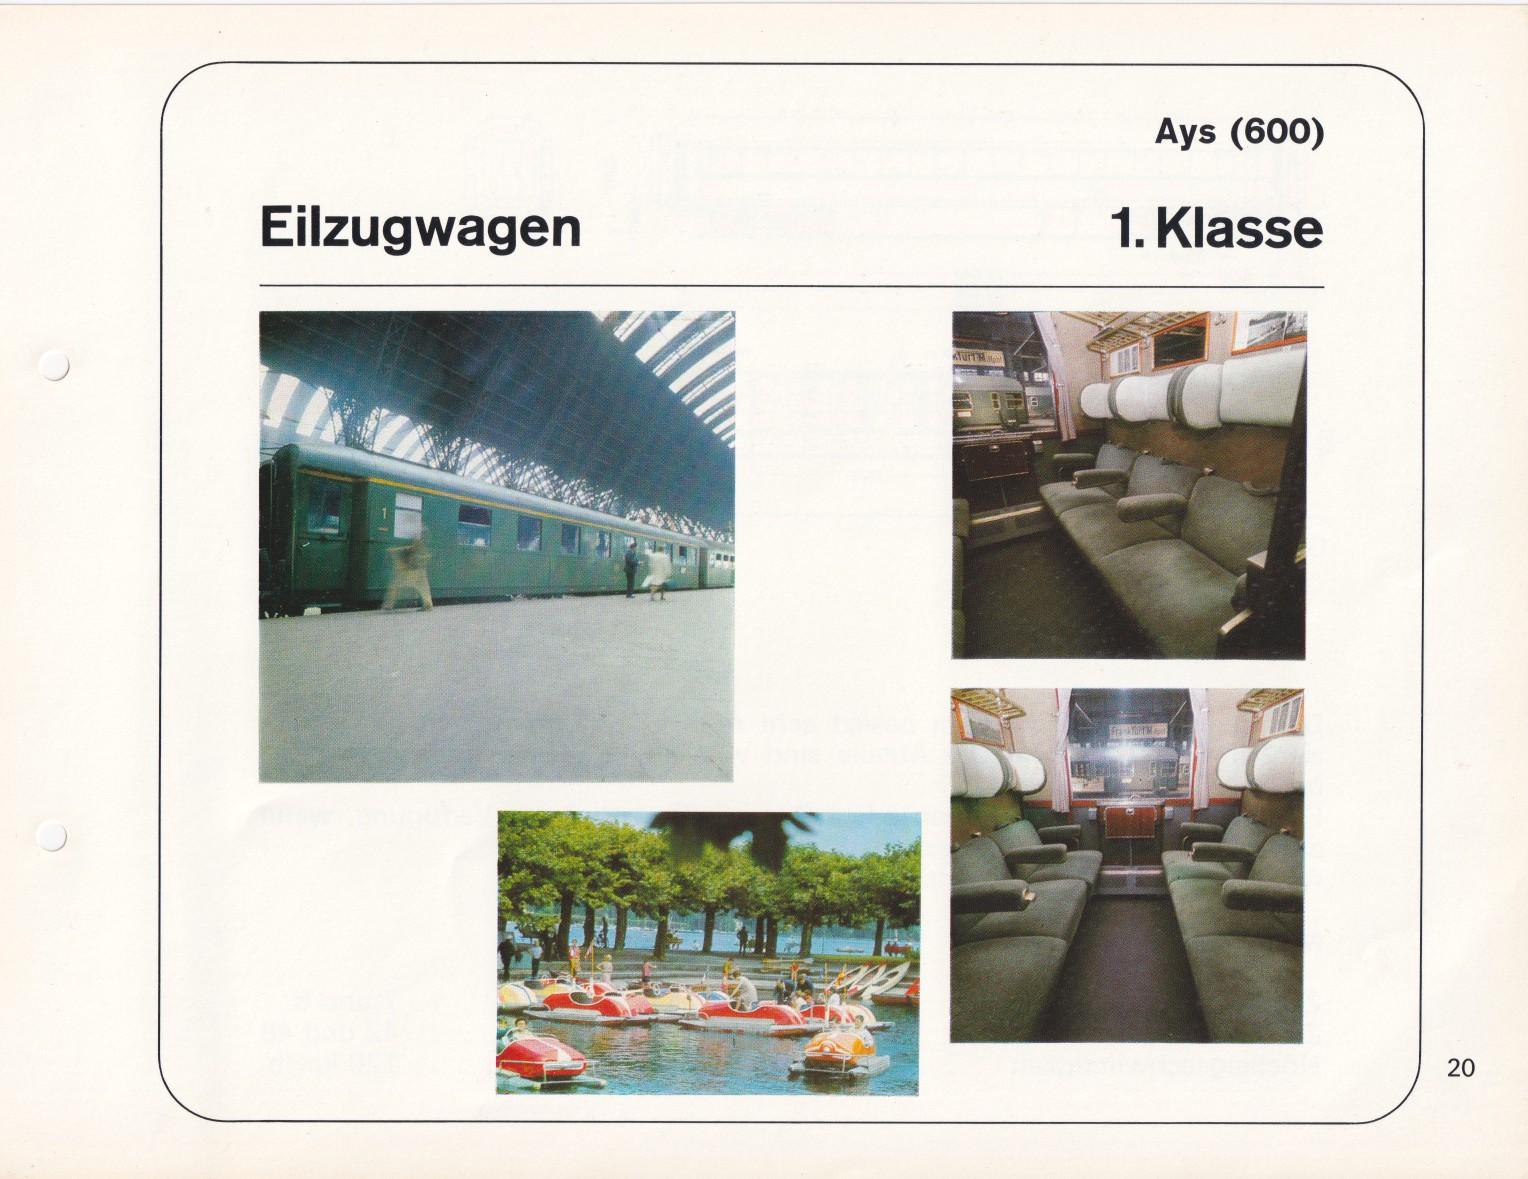 https://www.nullclub.de/hifo/Fahrzeuglexikon/Wagen20a.jpg